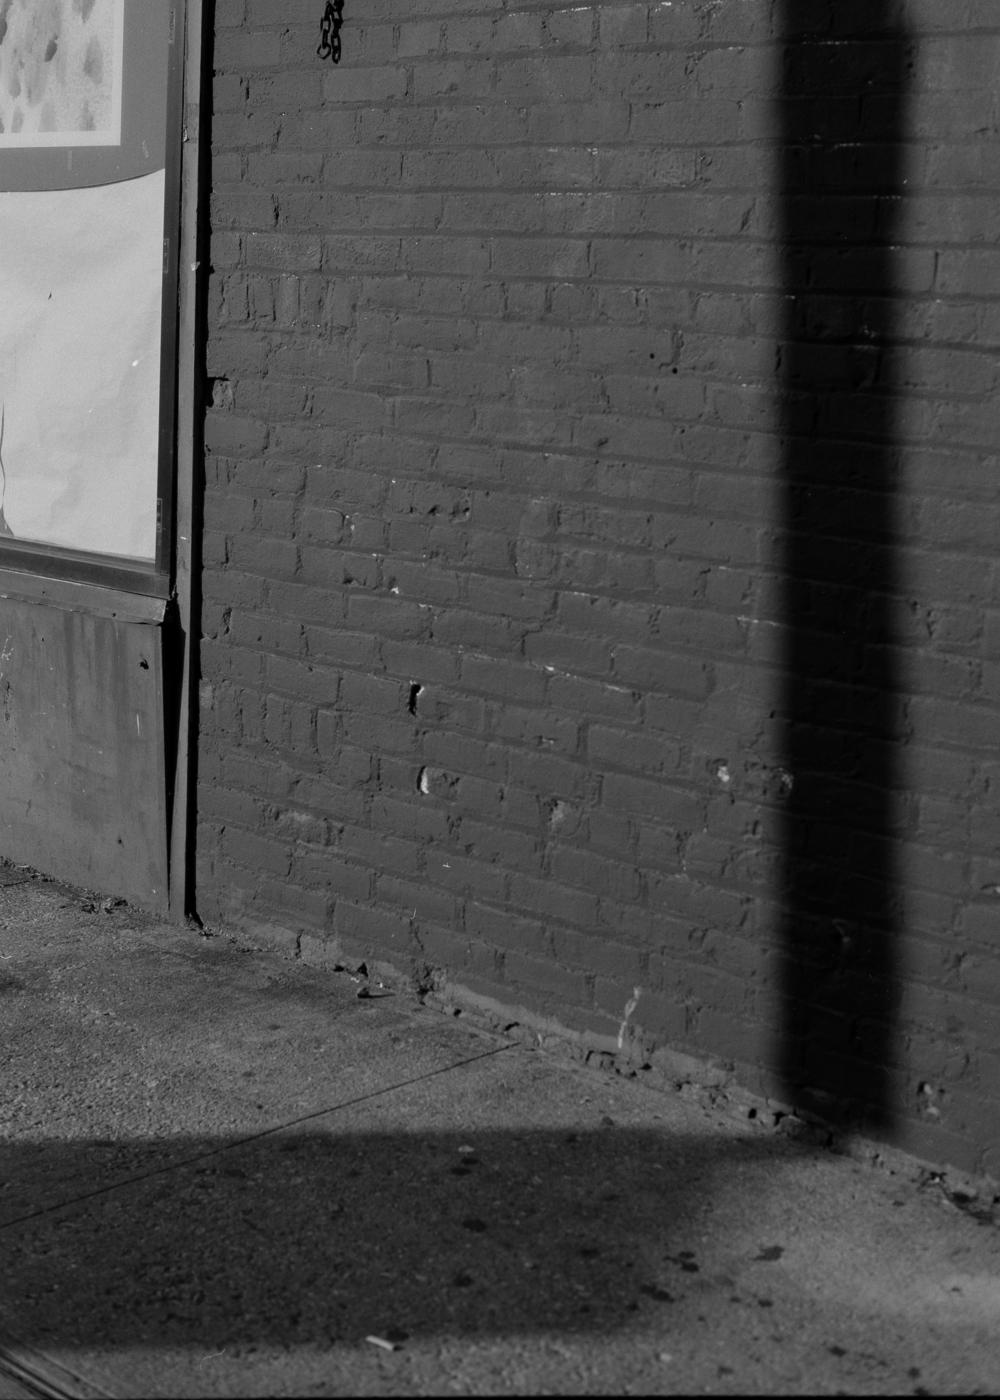 shadowstudy_019.jpg